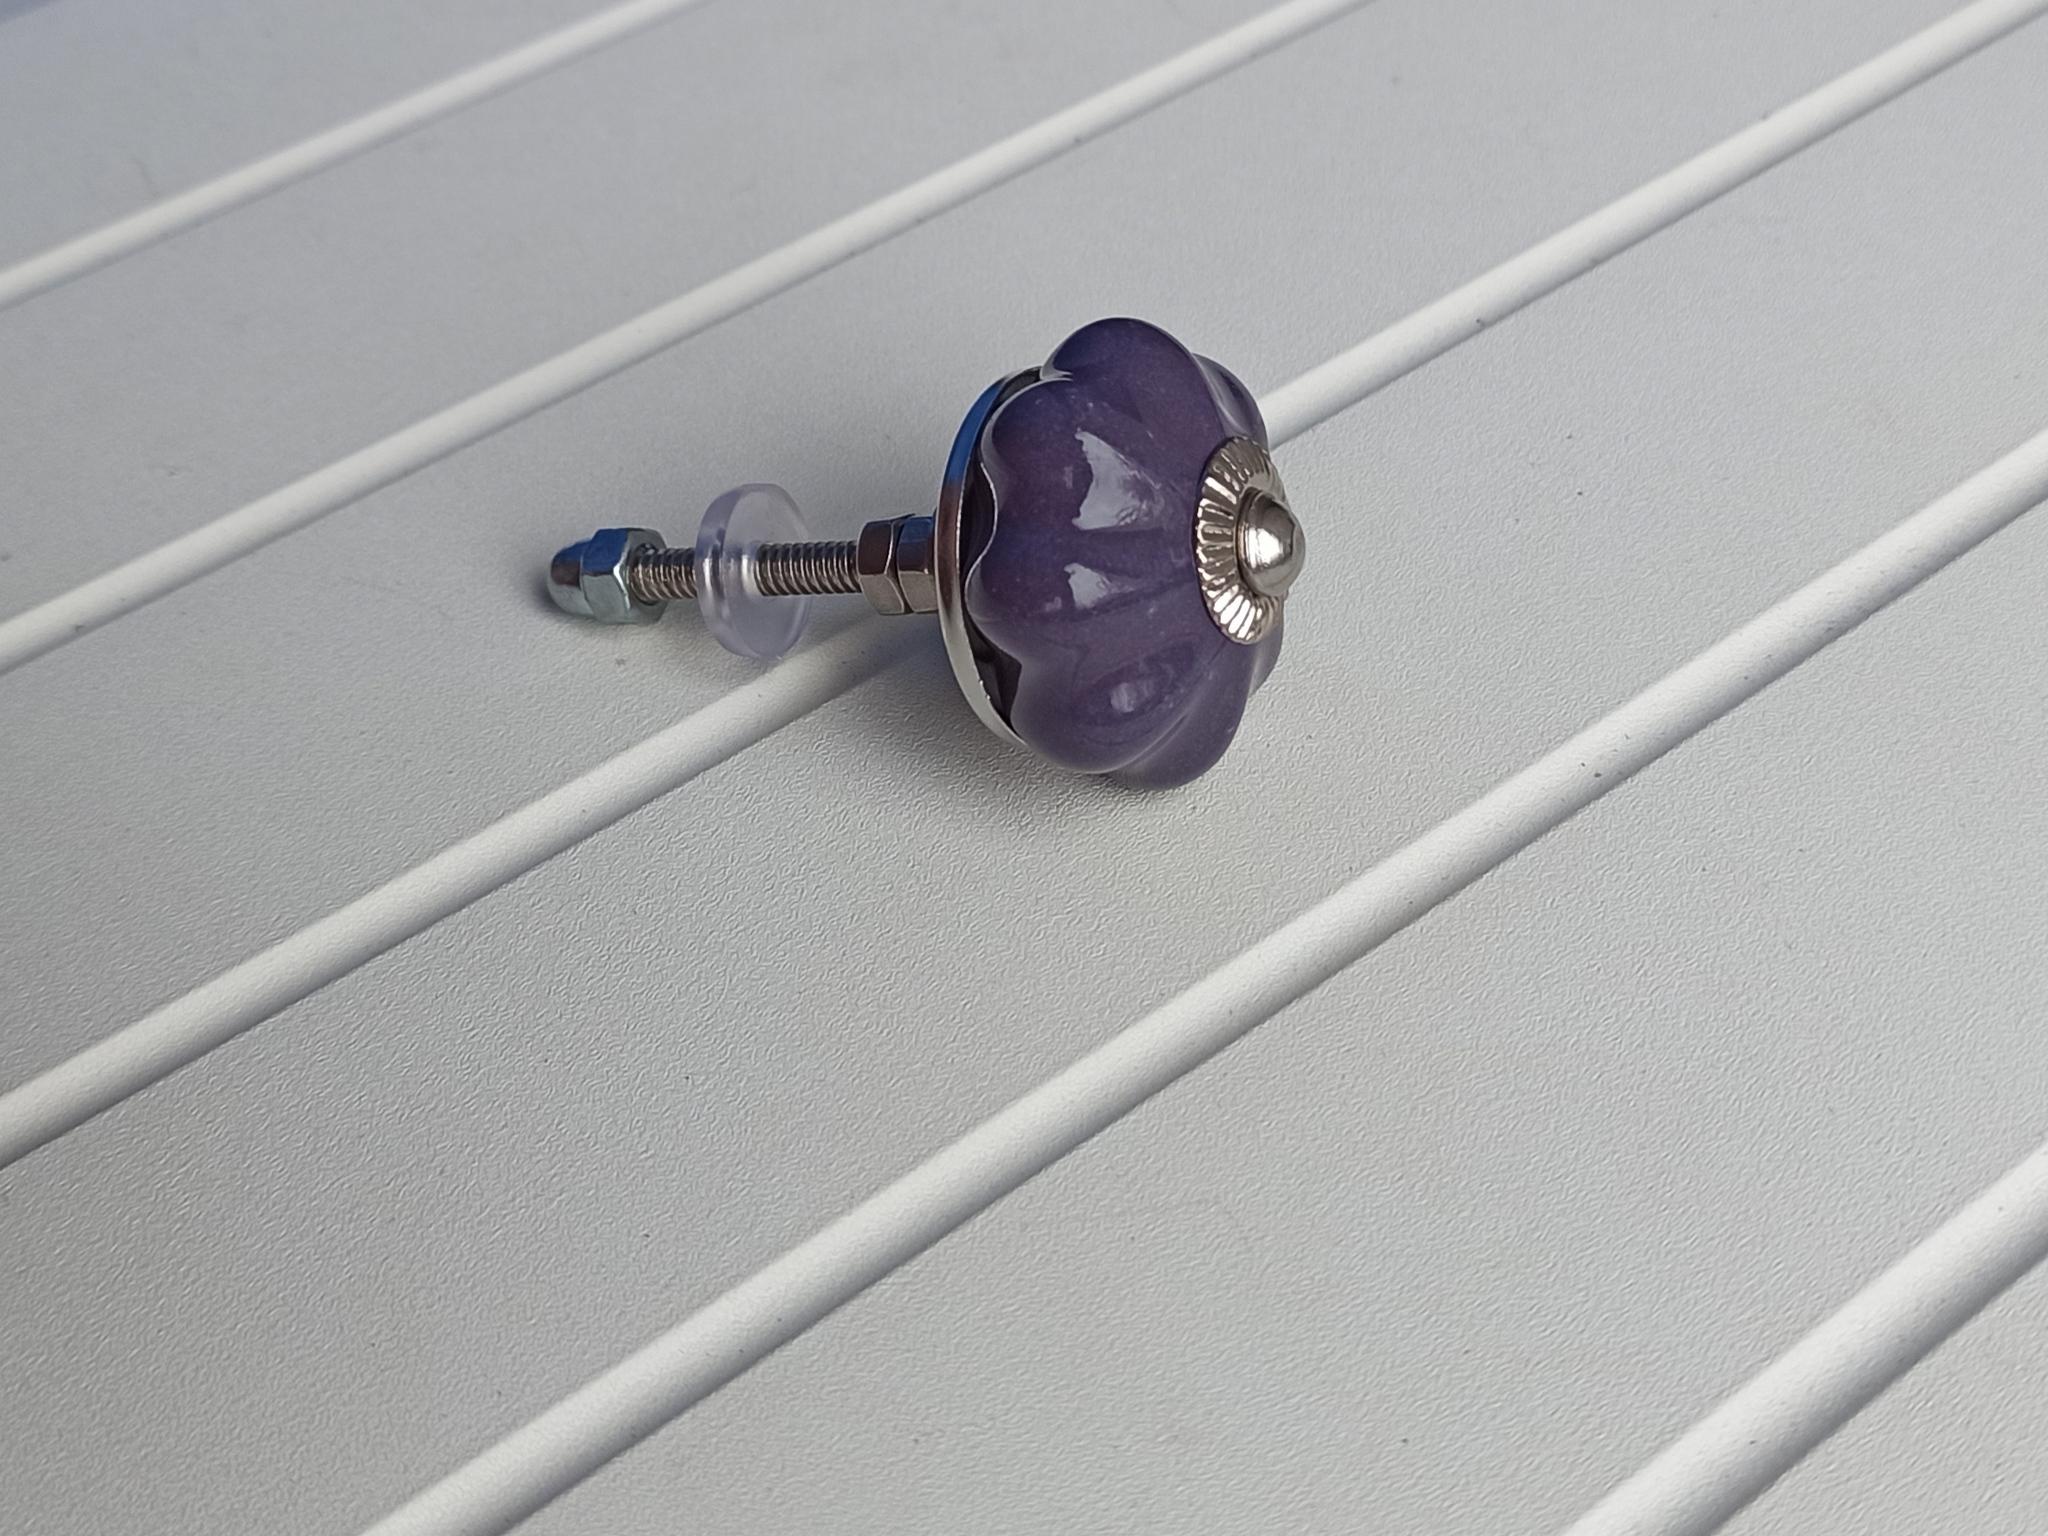 Ручка мебельная керамическая темнофиолетовый, арт. 00001252